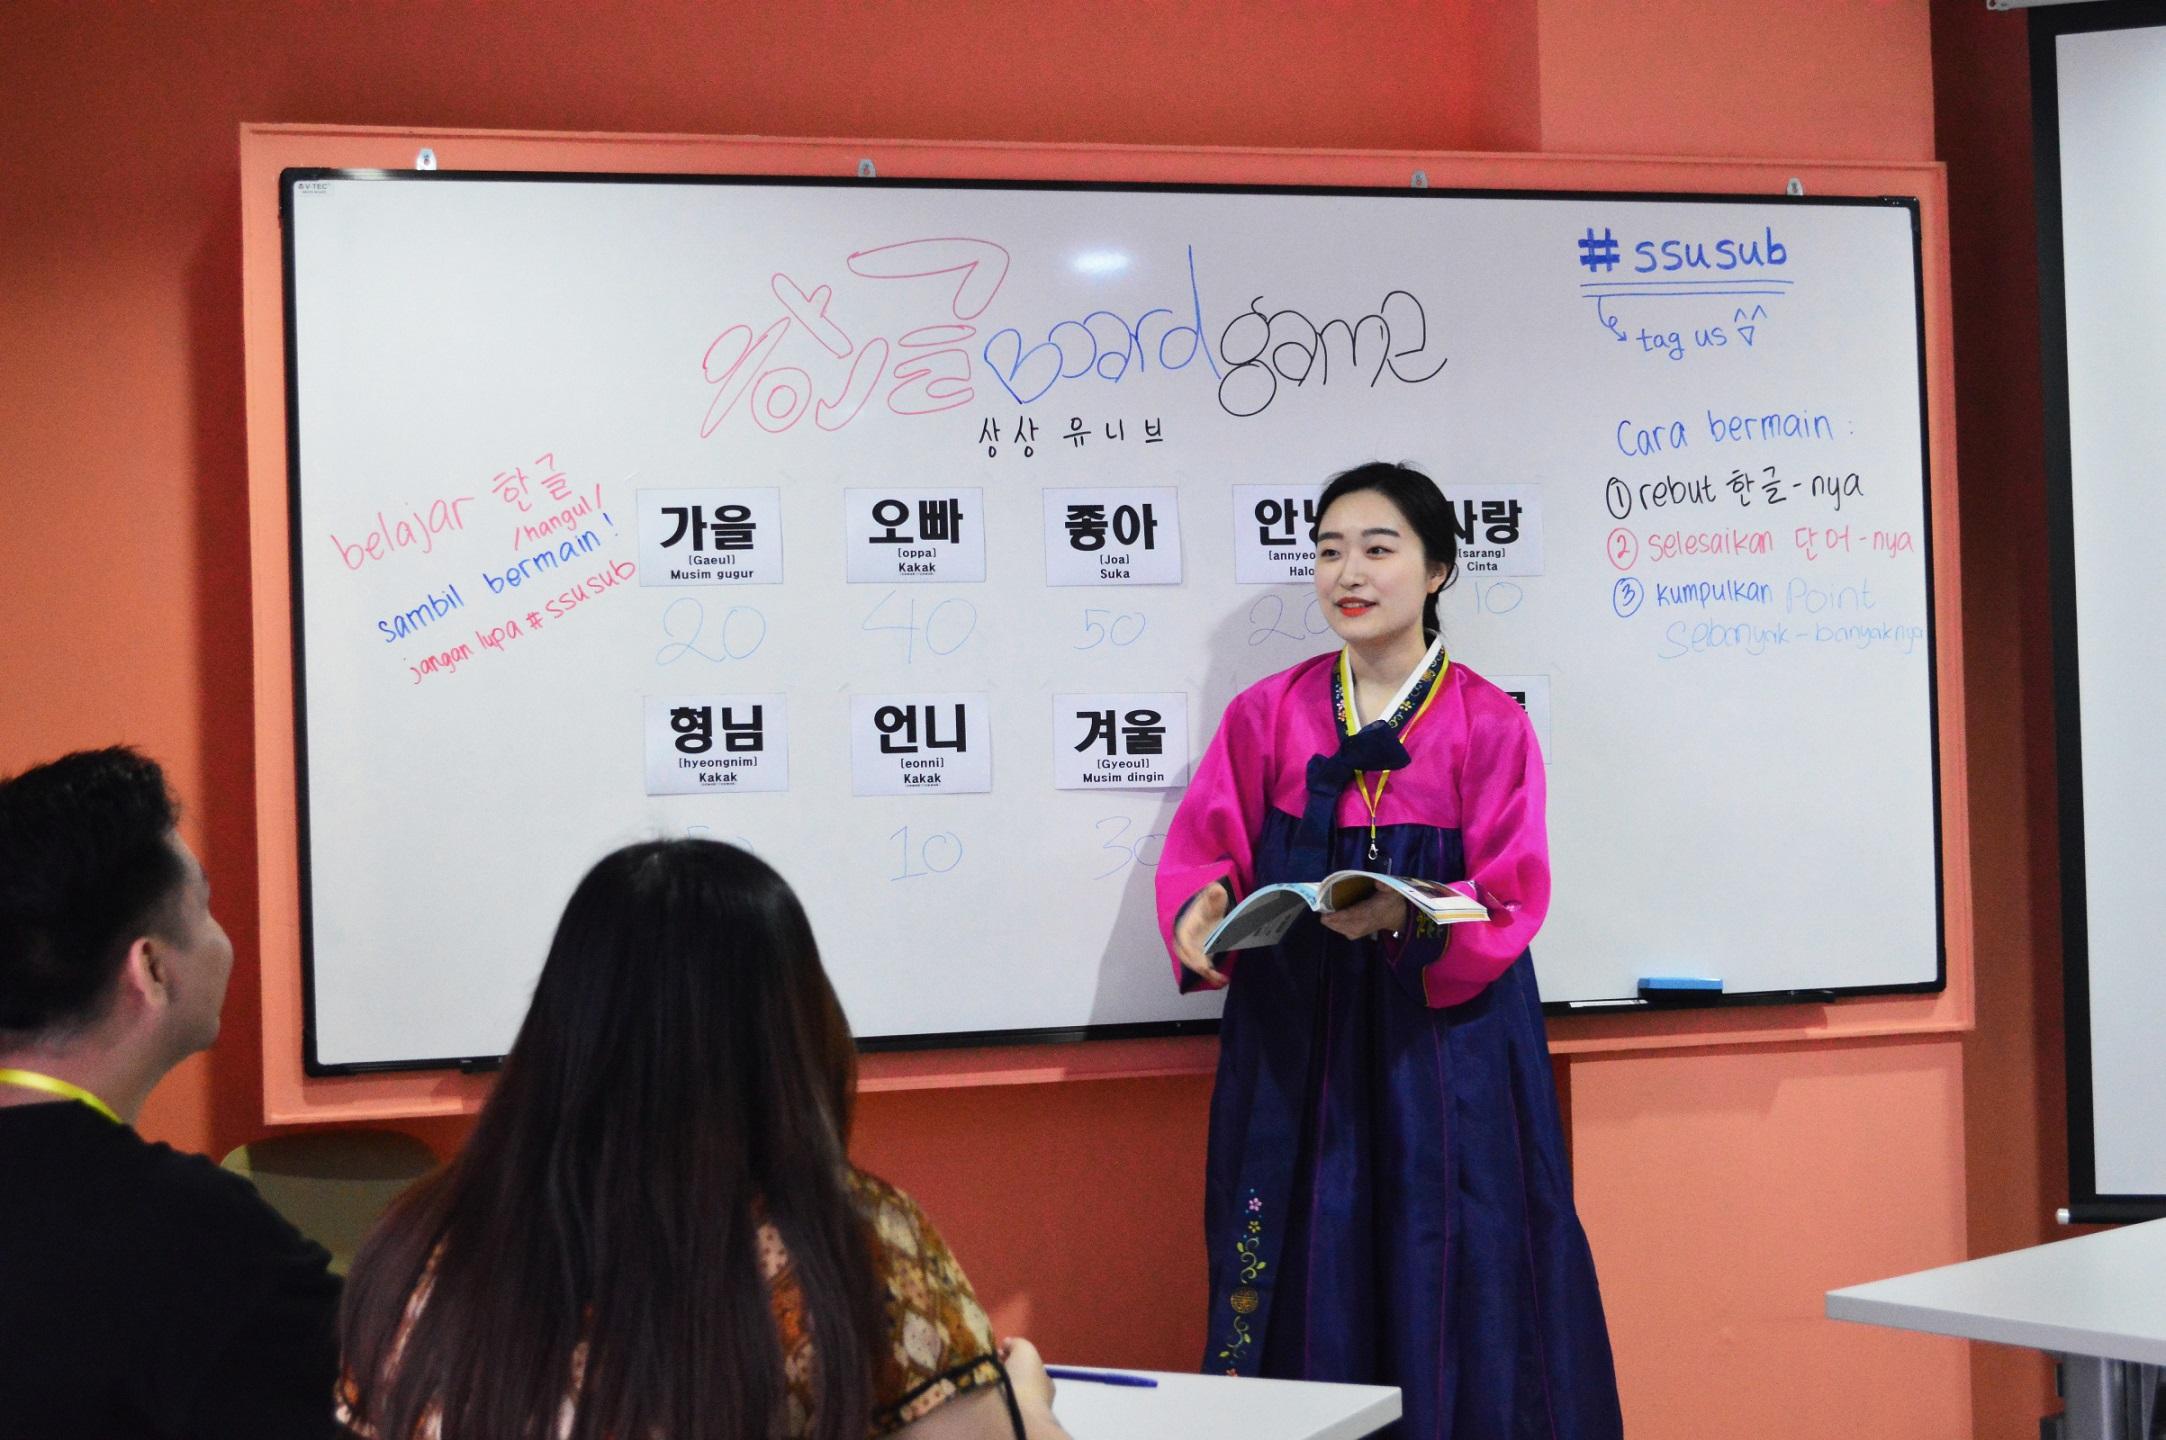 Belajar Seru Bahasa Korea